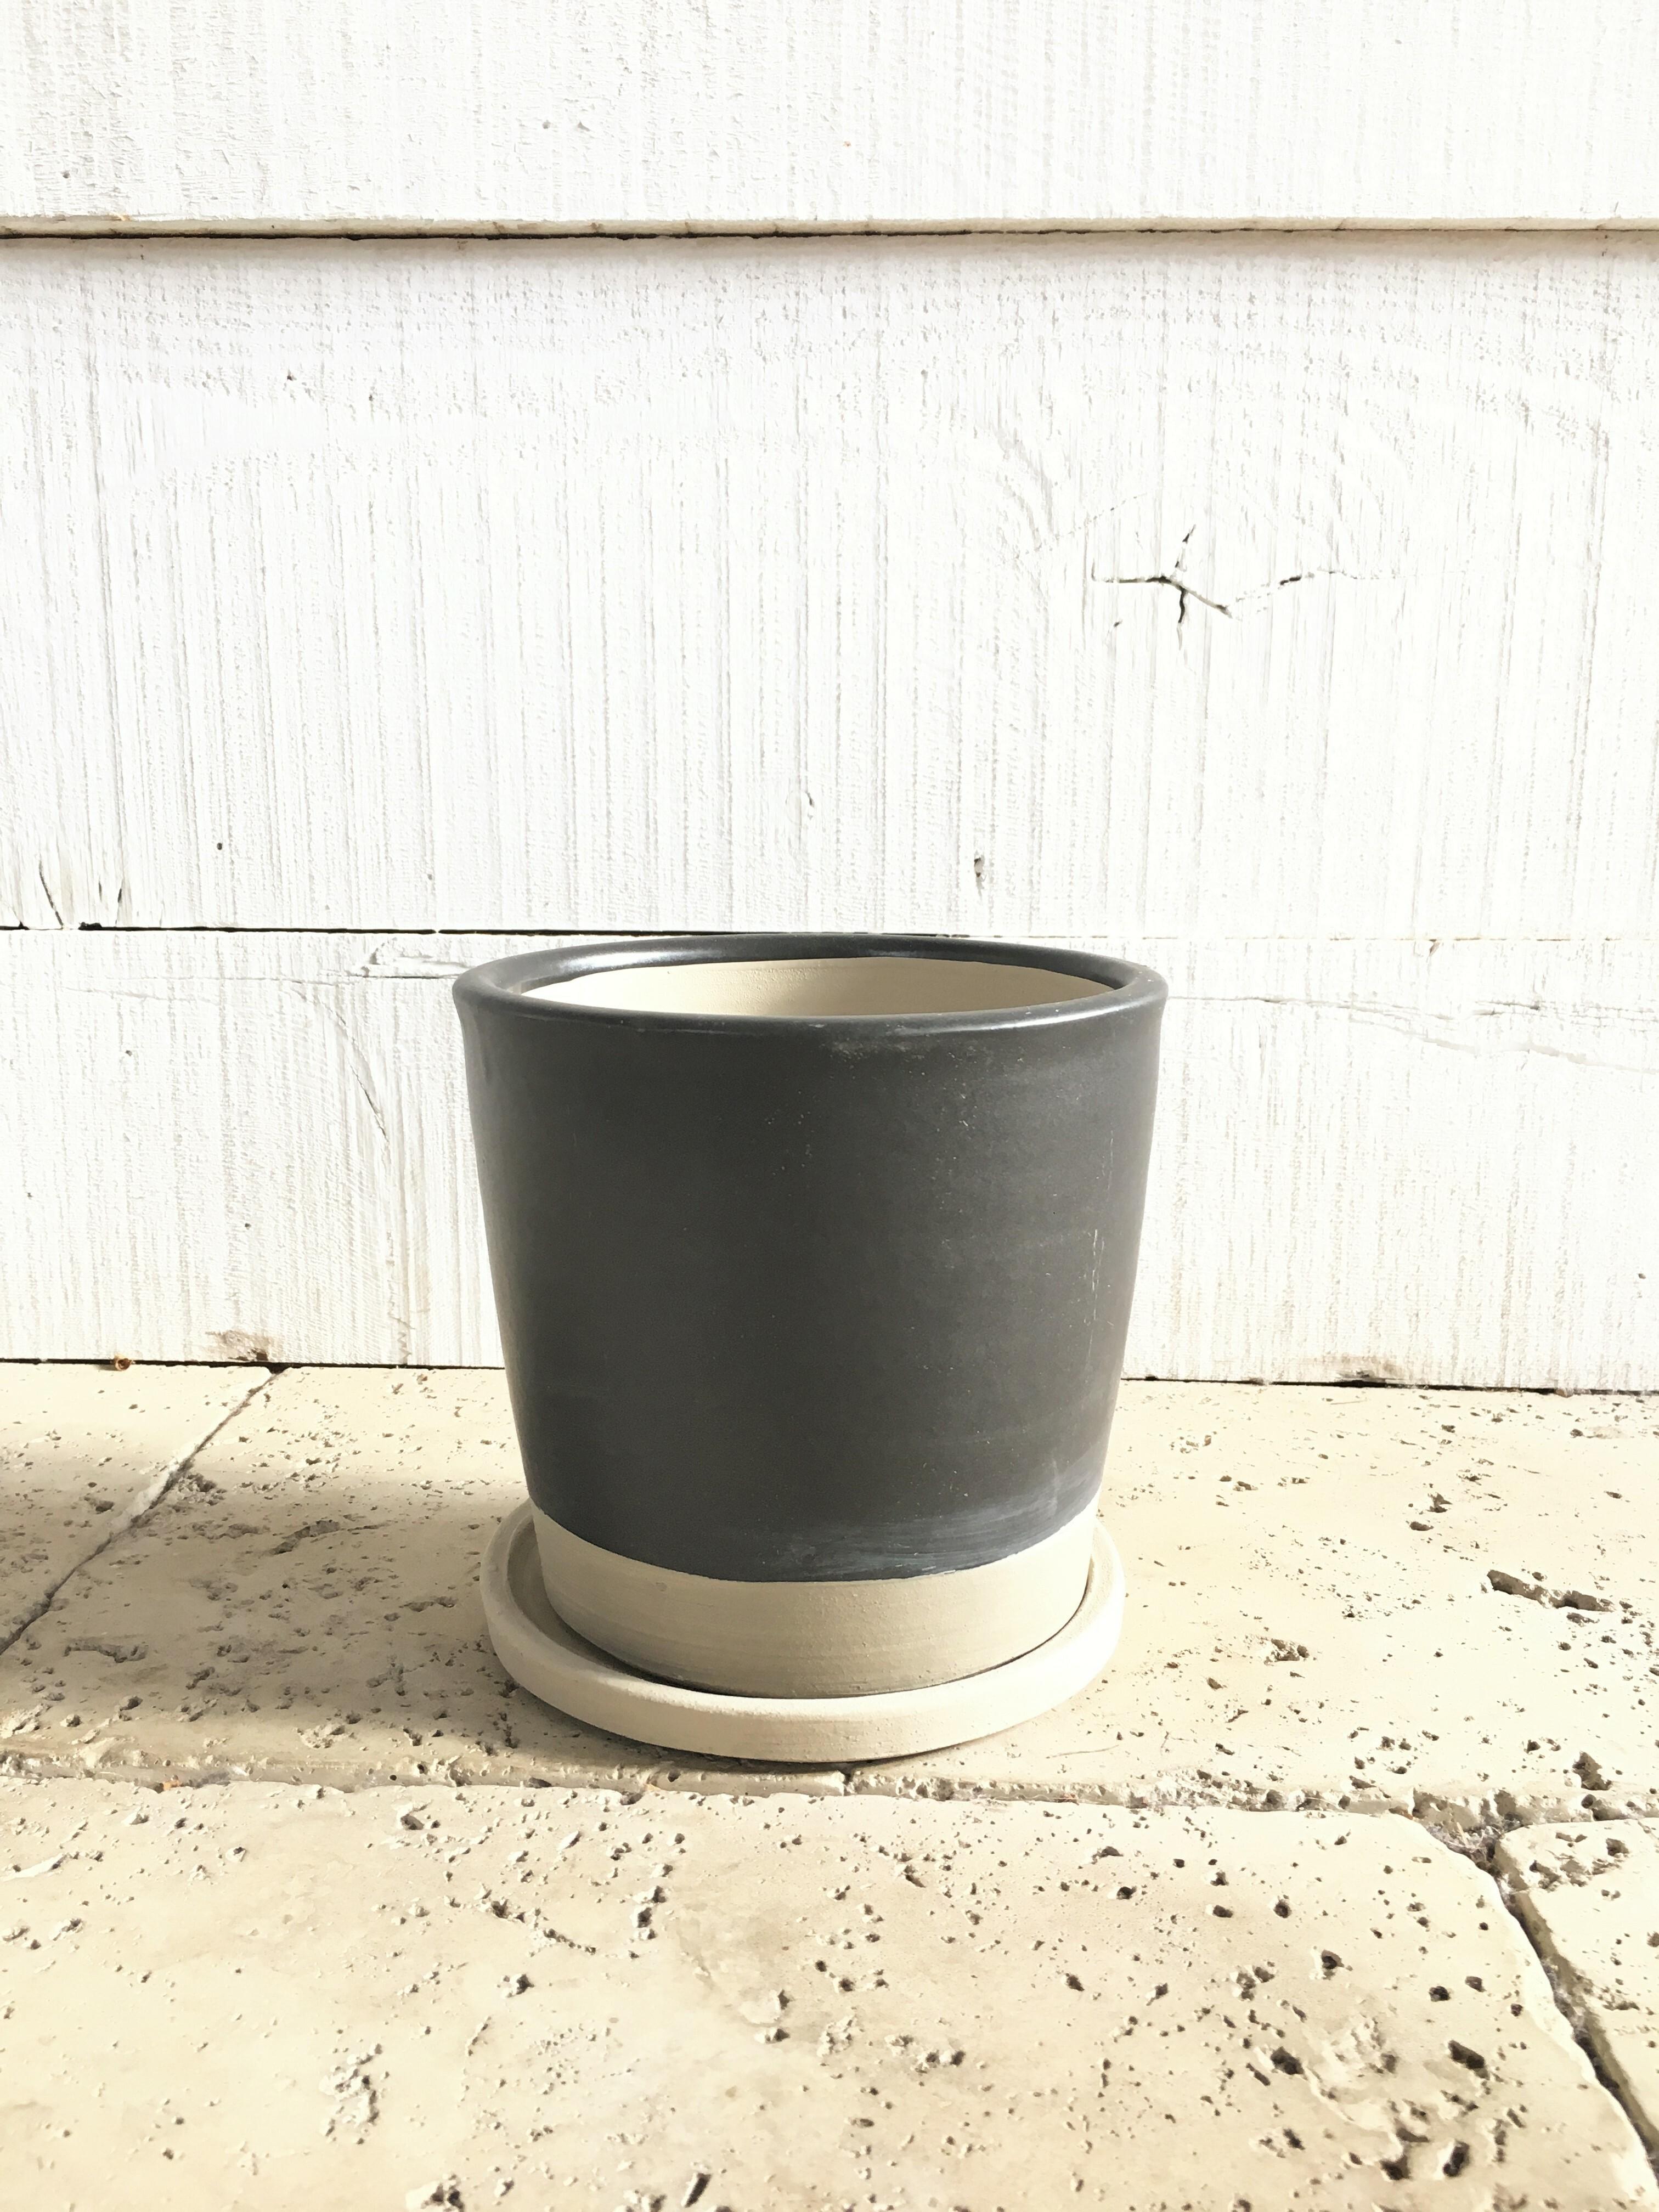 テラコッタ ブラック鉢 ※5号鉢サイズ